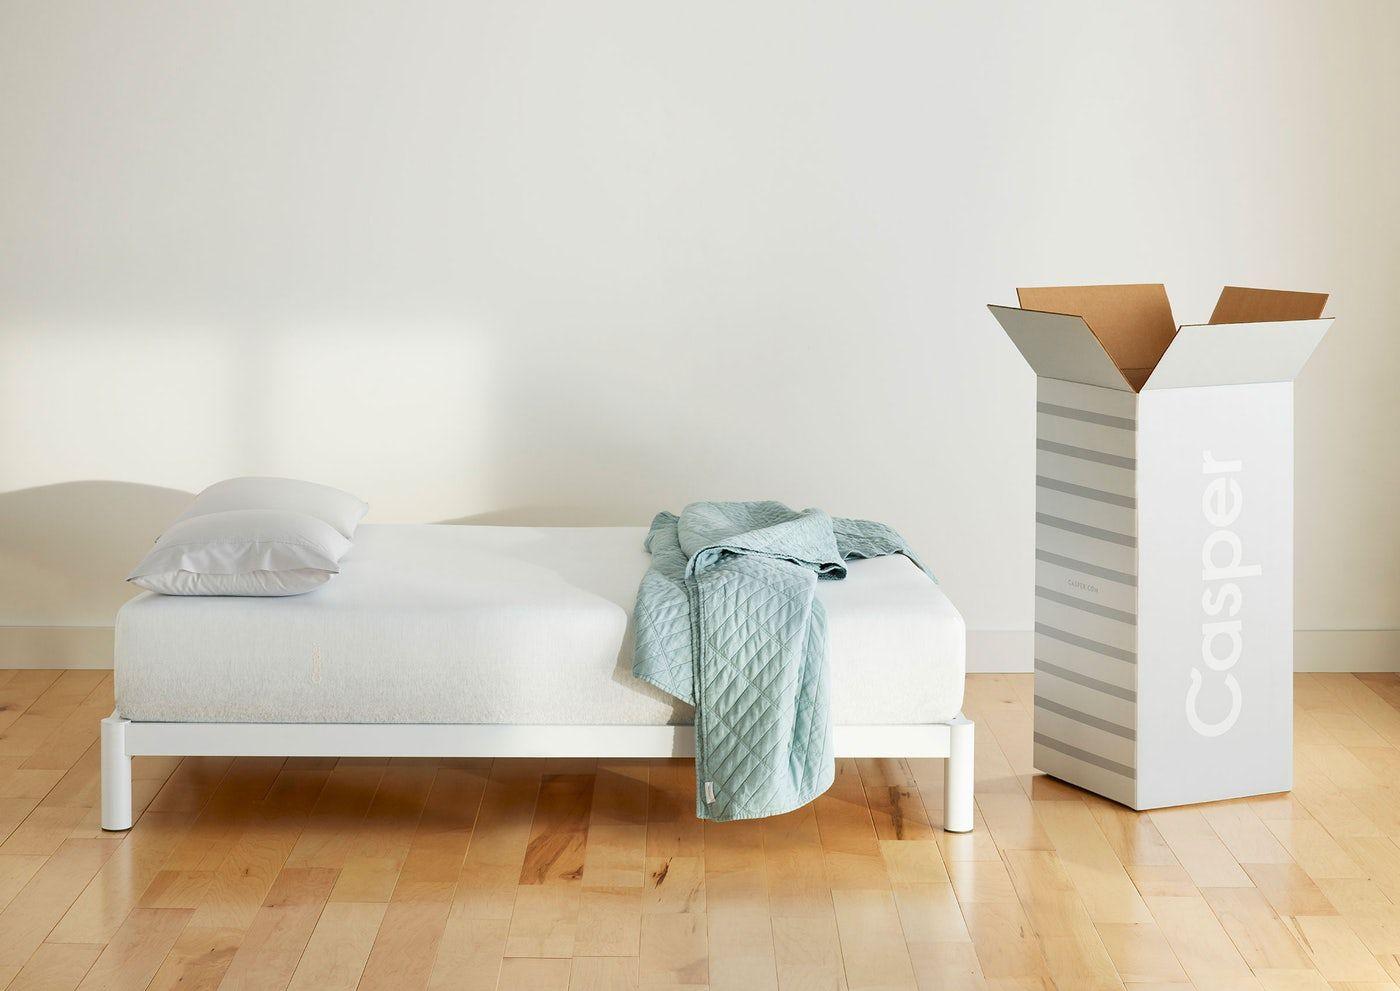 Casper Mattress Side Luxury Mattresses Mattress Design Cool Beds